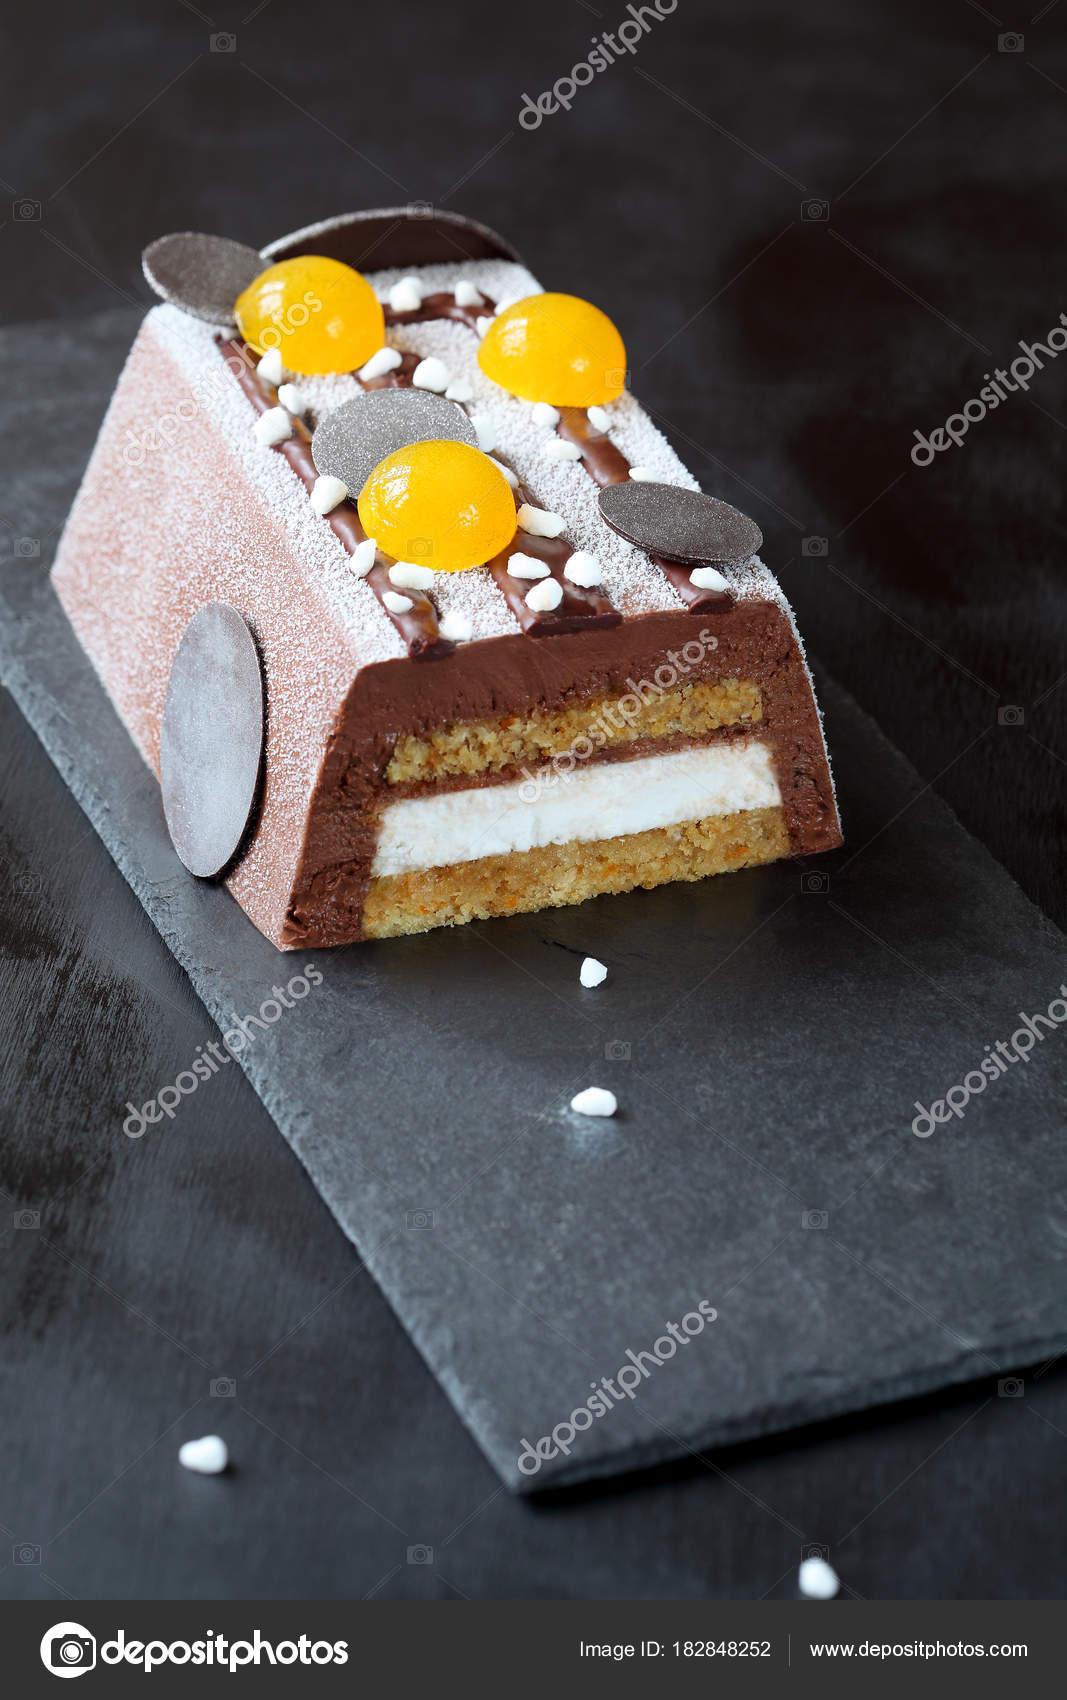 Zeitgenössische Vegan Chocolate Mousse Cake Bedeckt Mit Weißem Samt ...